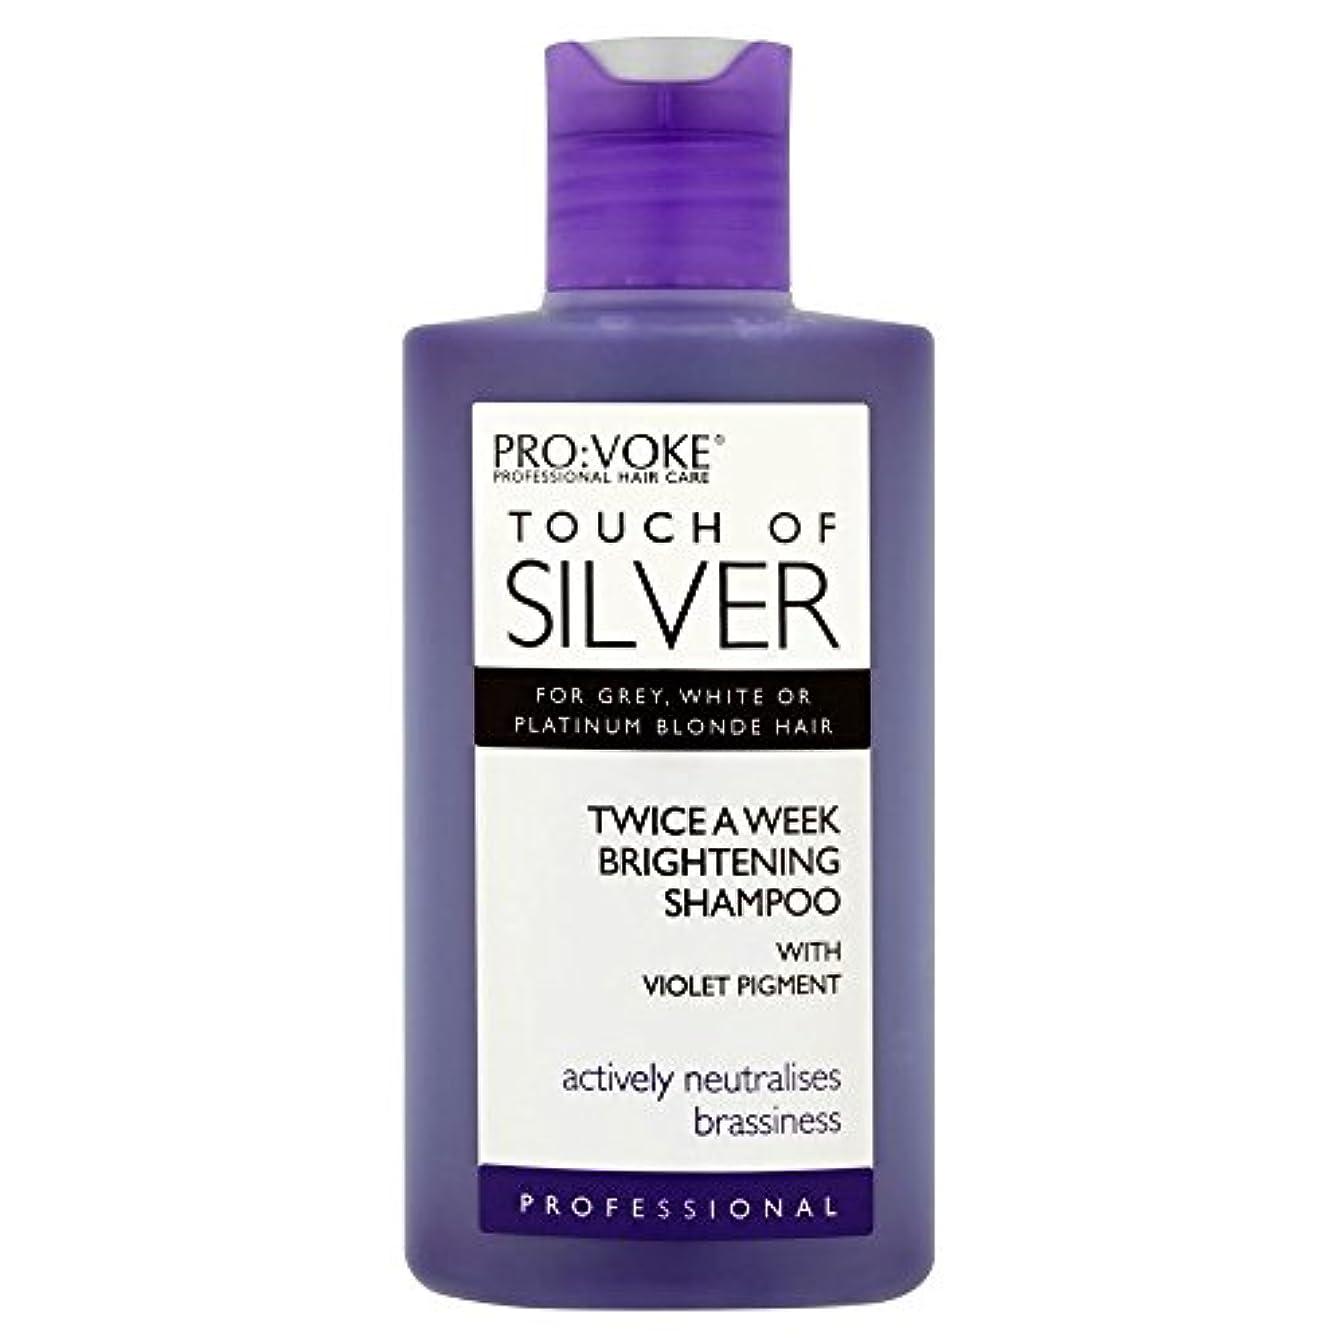 文雑多な発生器Pro:voke Touch of Silver Professional Twice a Week Brightening Shampoo (150ml) プロ:プロの銀二回週白シャンプーのvokeタッチ( 150ミリリットル...